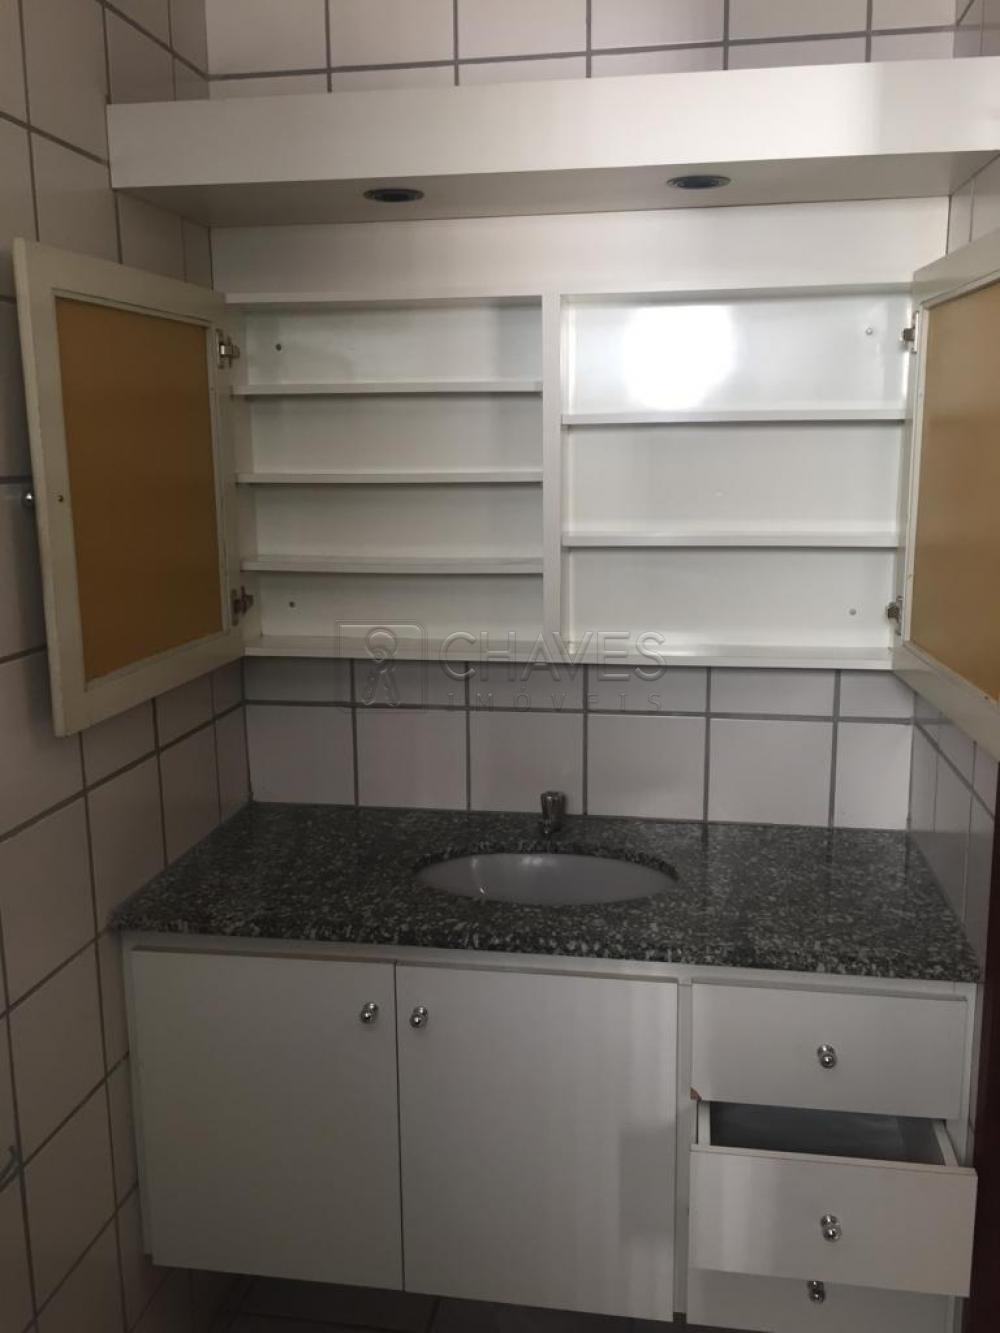 Comprar Apartamento / Padrão em Ribeirão Preto apenas R$ 145.000,00 - Foto 21